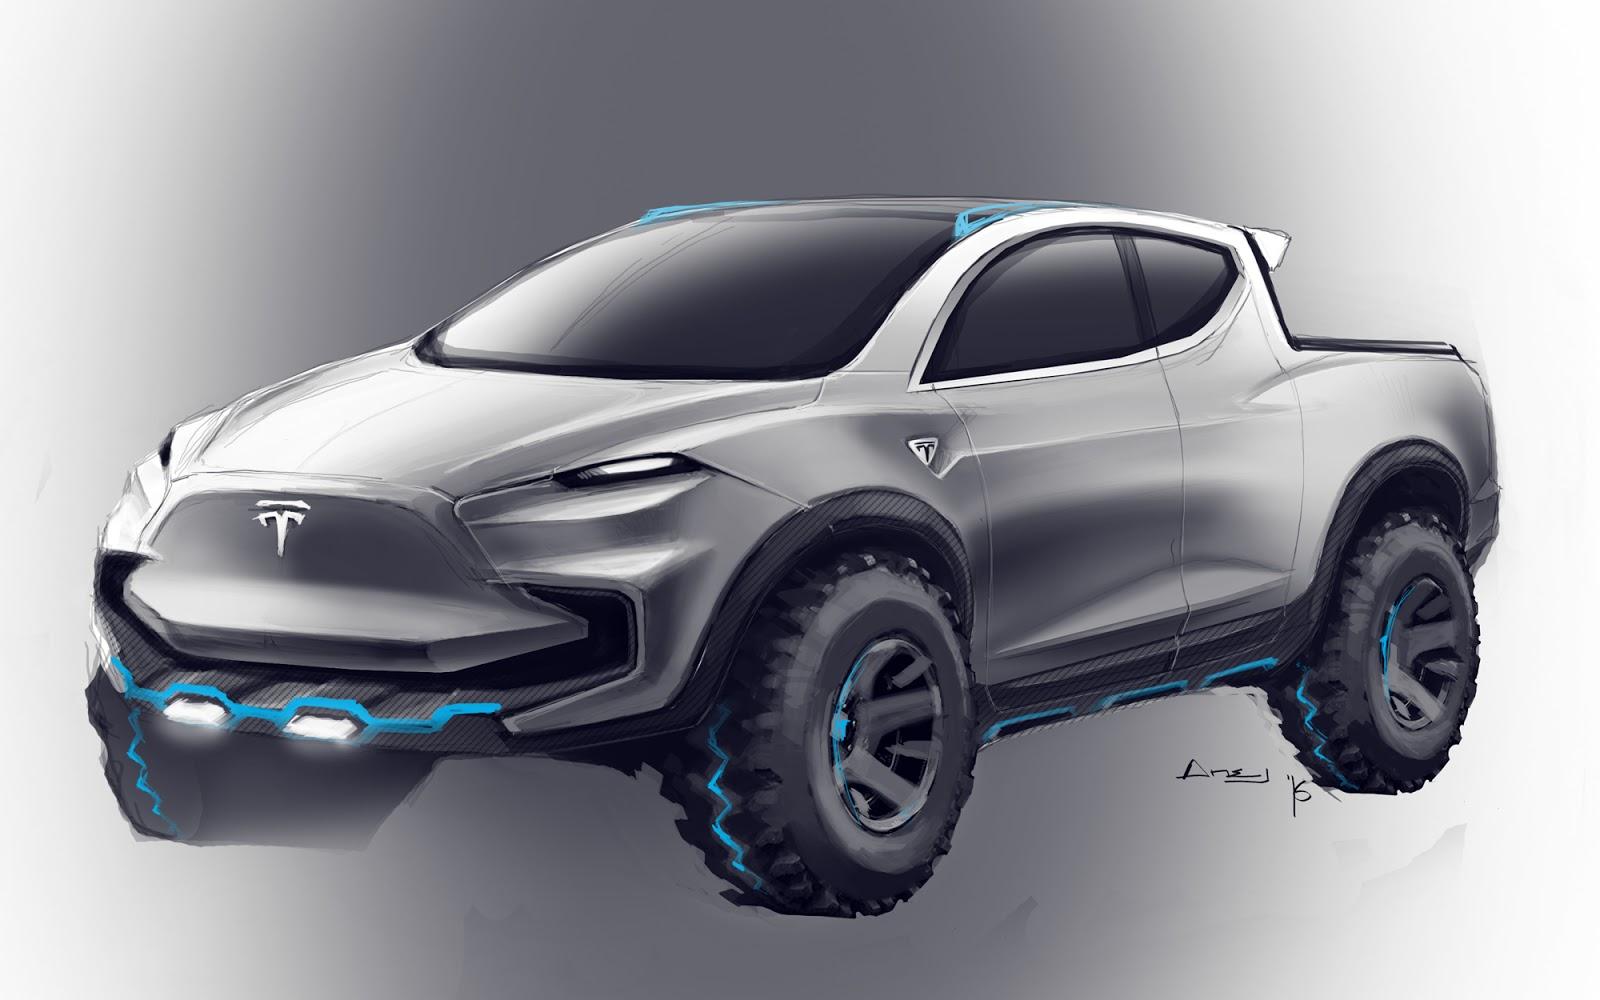 El pick-up de Tesla ya está más cerca: podría llegar en 2019